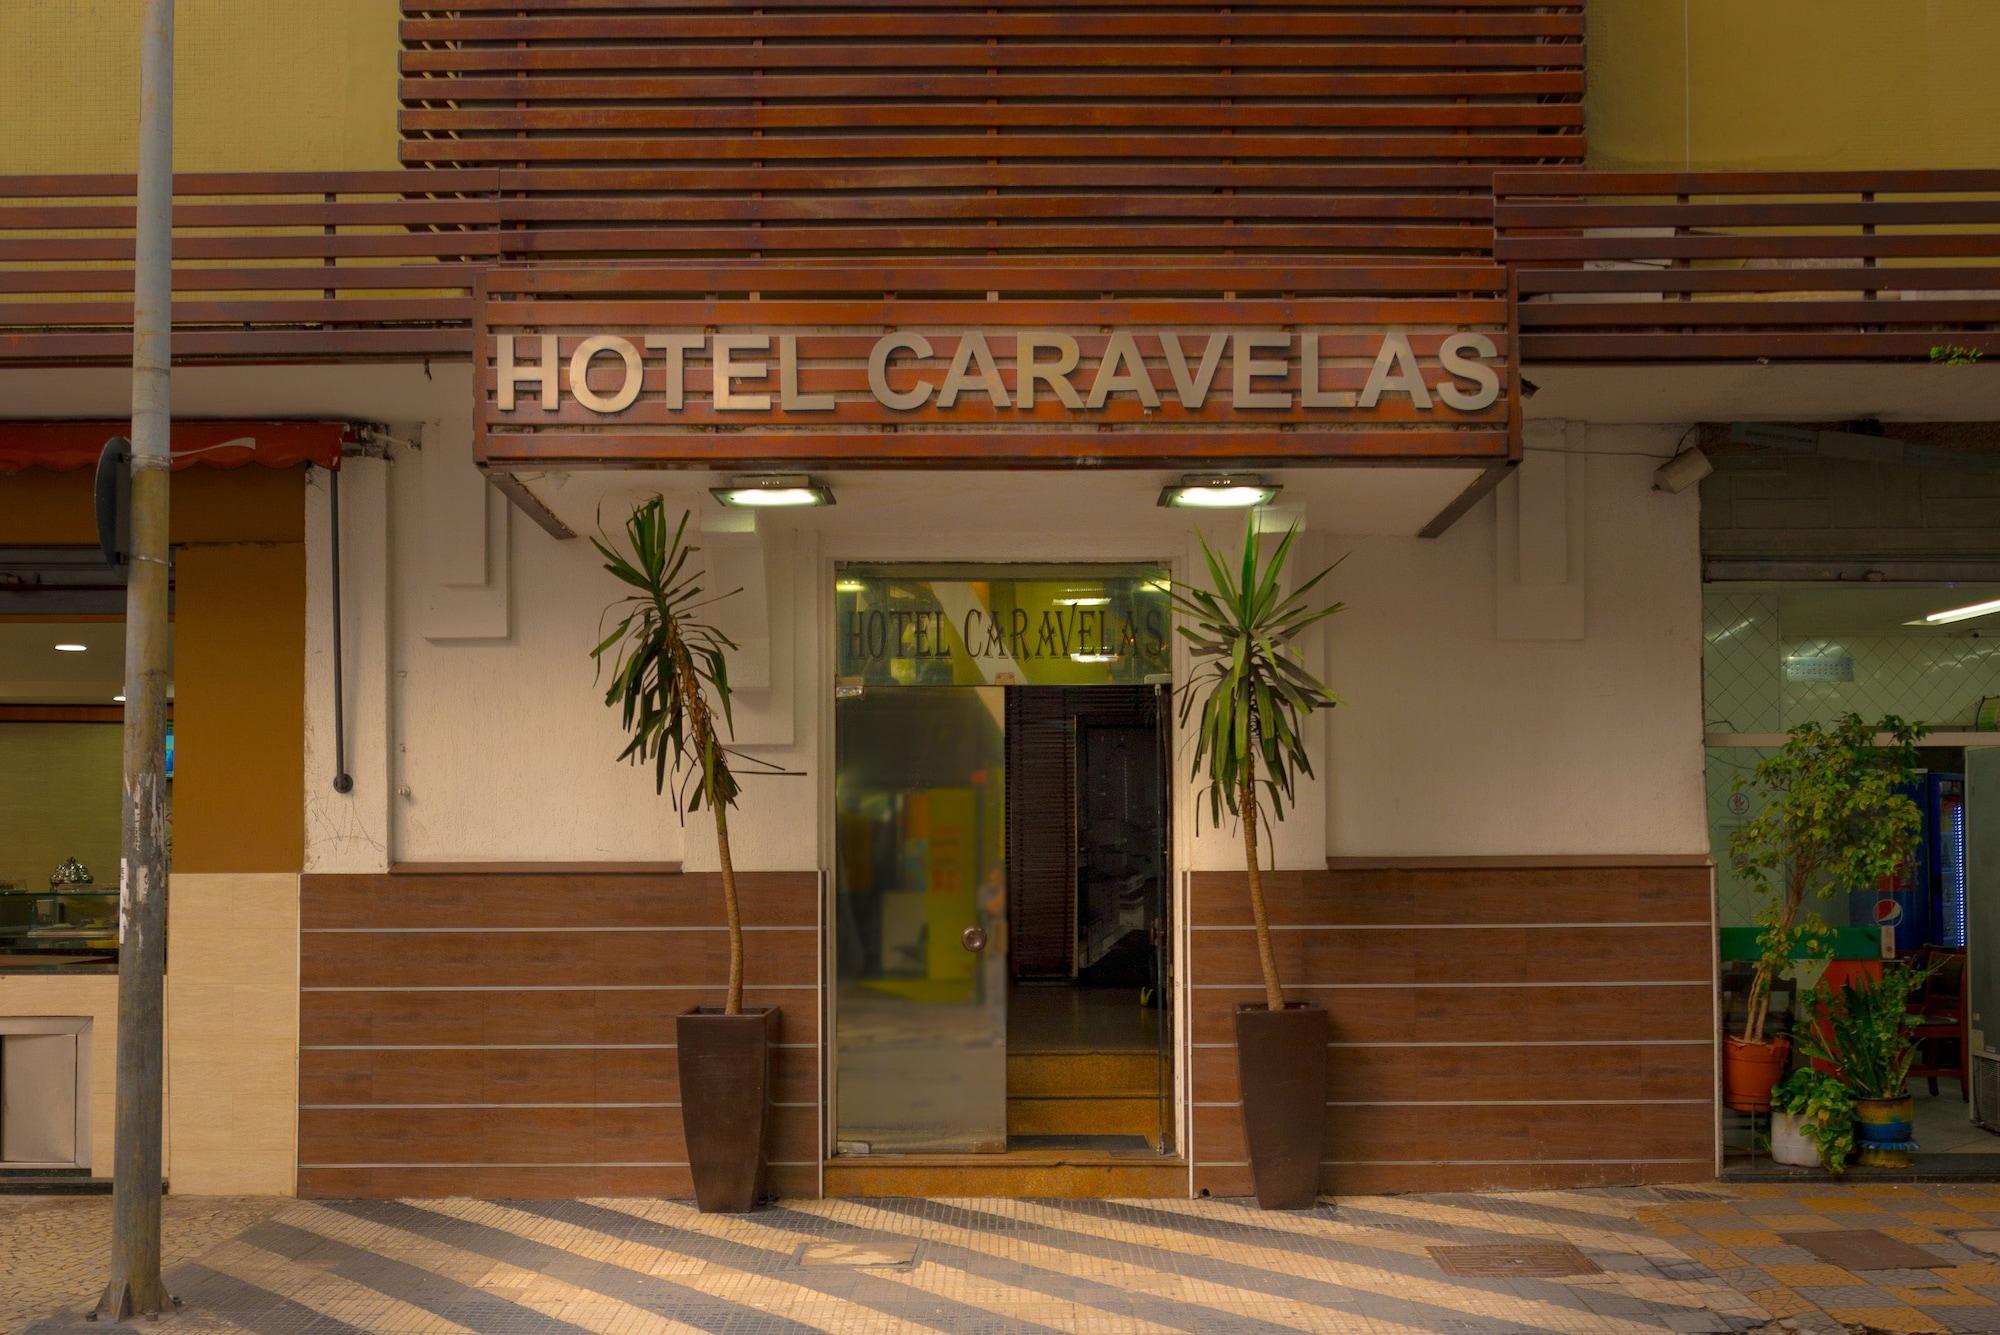 Hotel Caravelas, São Paulo